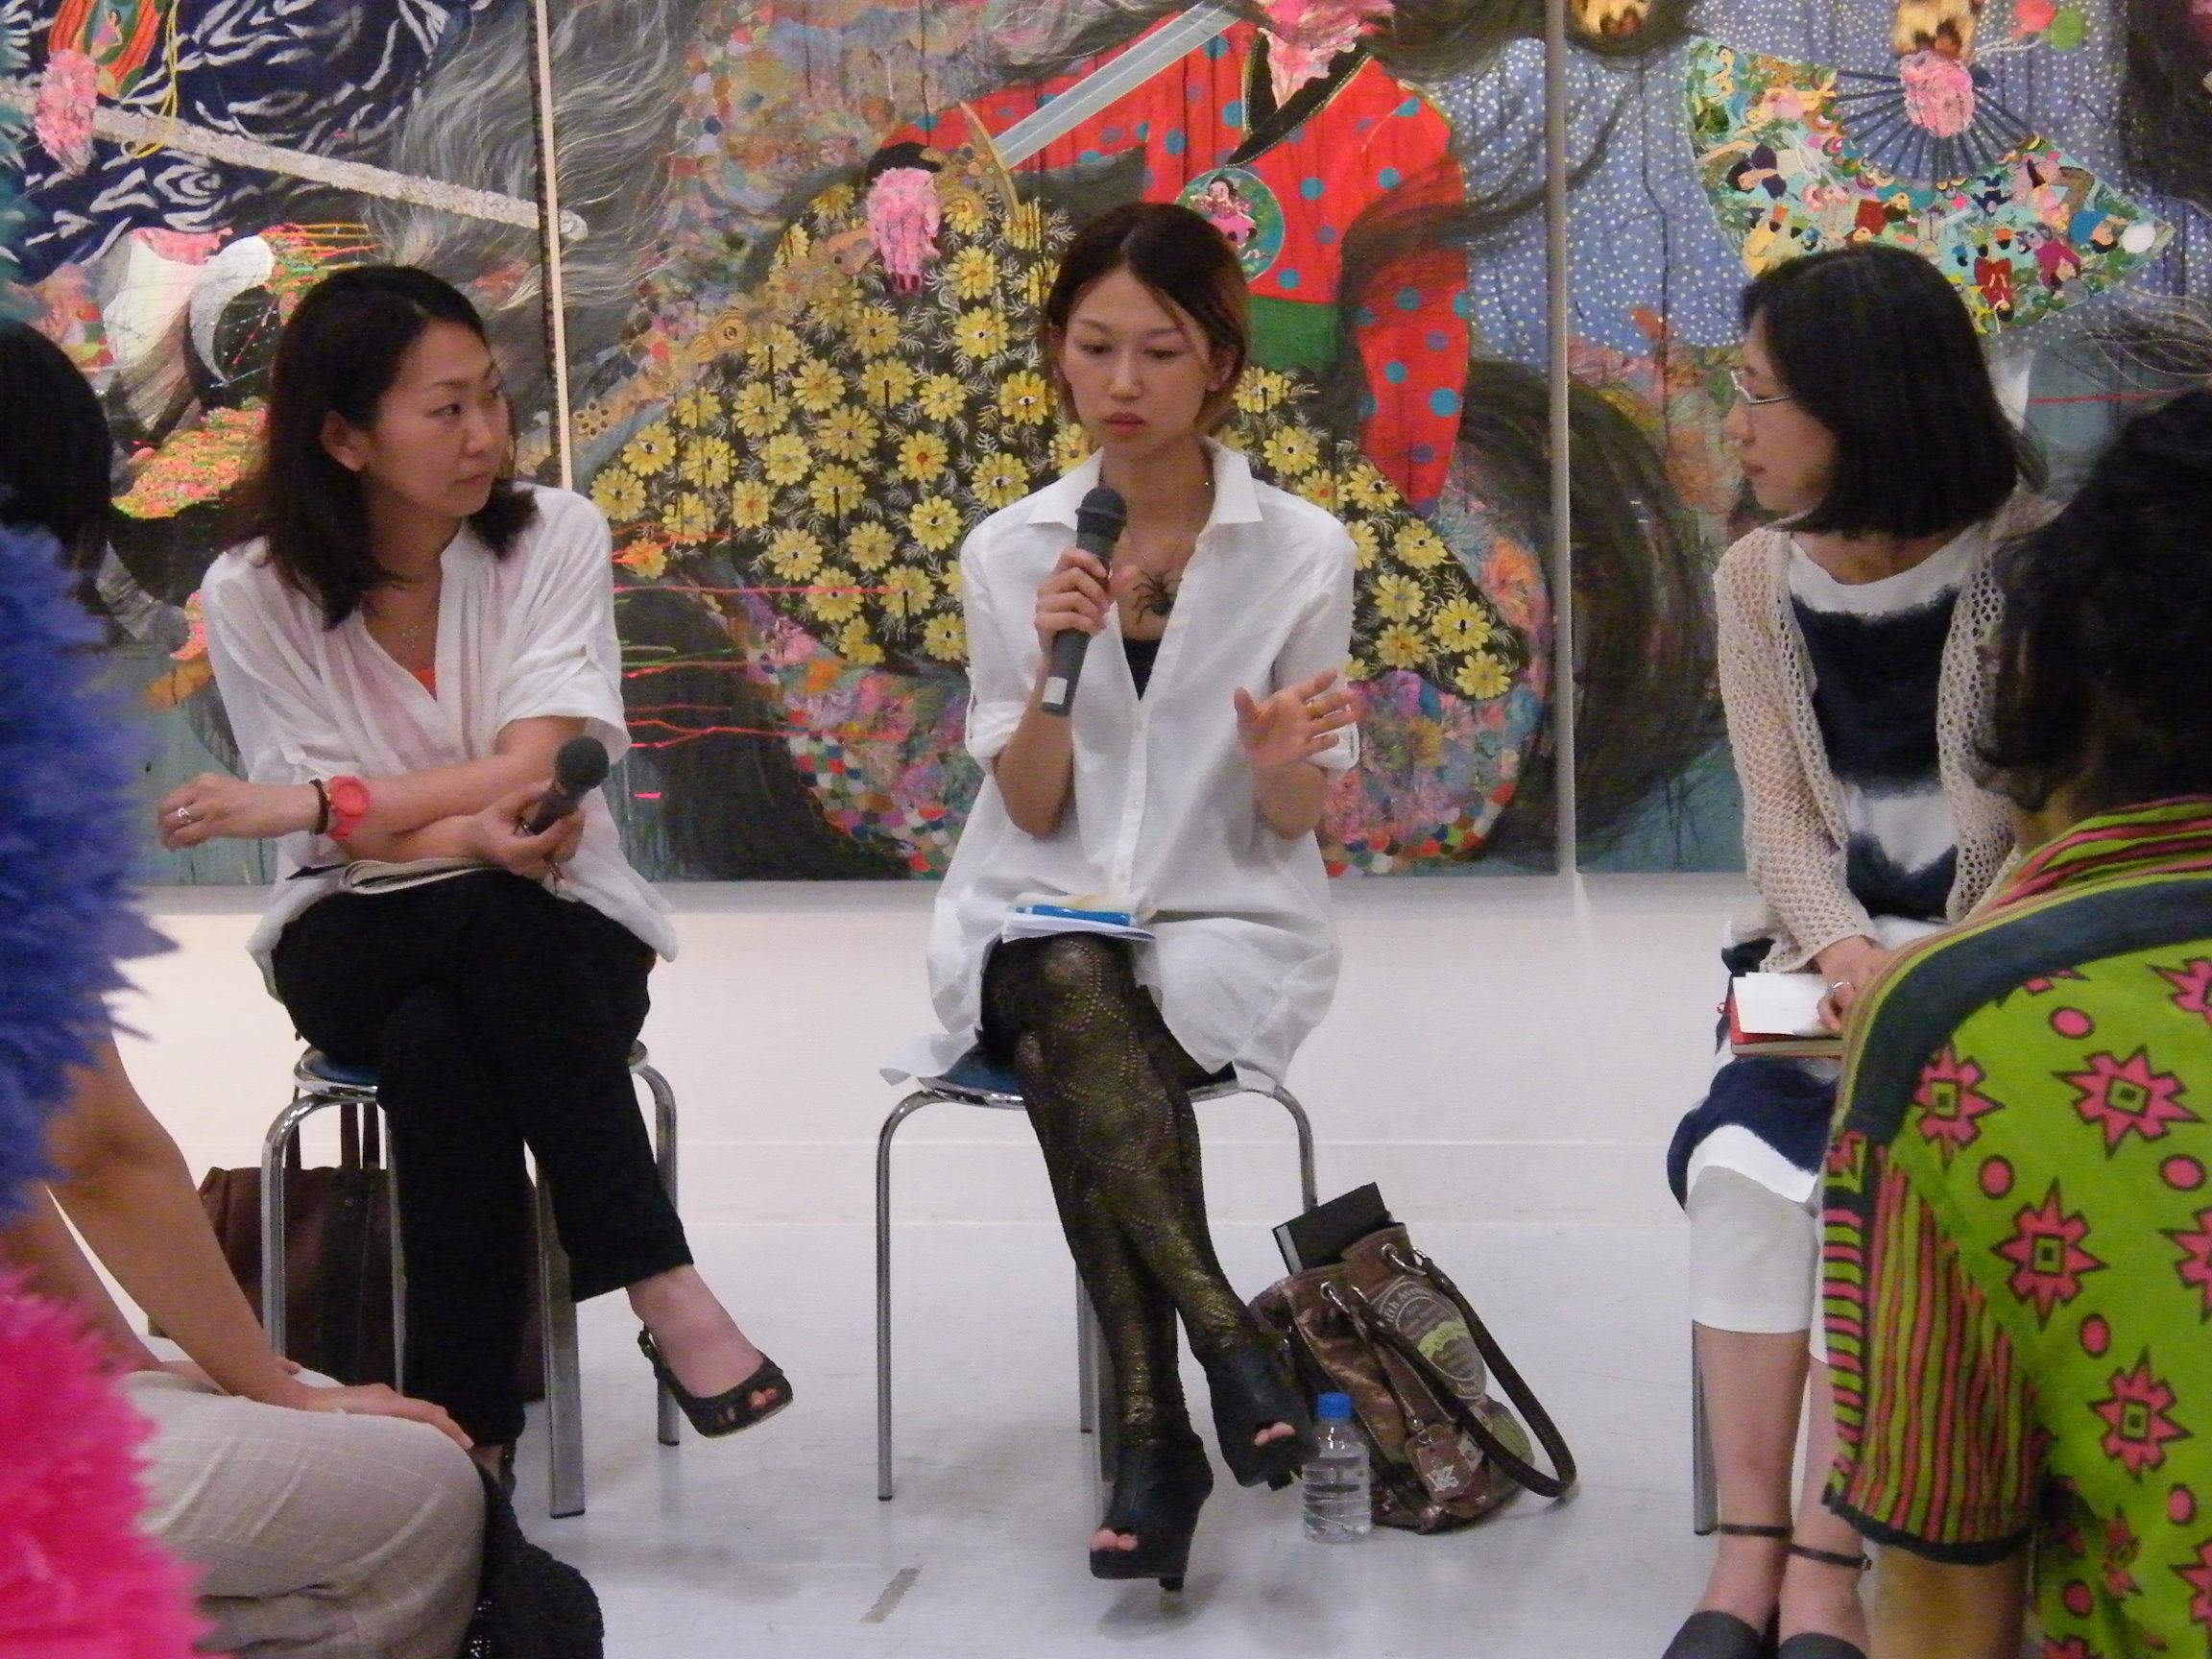 新incubation3 「On a Knife Edge—二つの向こう岸」<br /> 対談「Hyon Gyon×呉夏枝(美術家)」 2011年6月25日